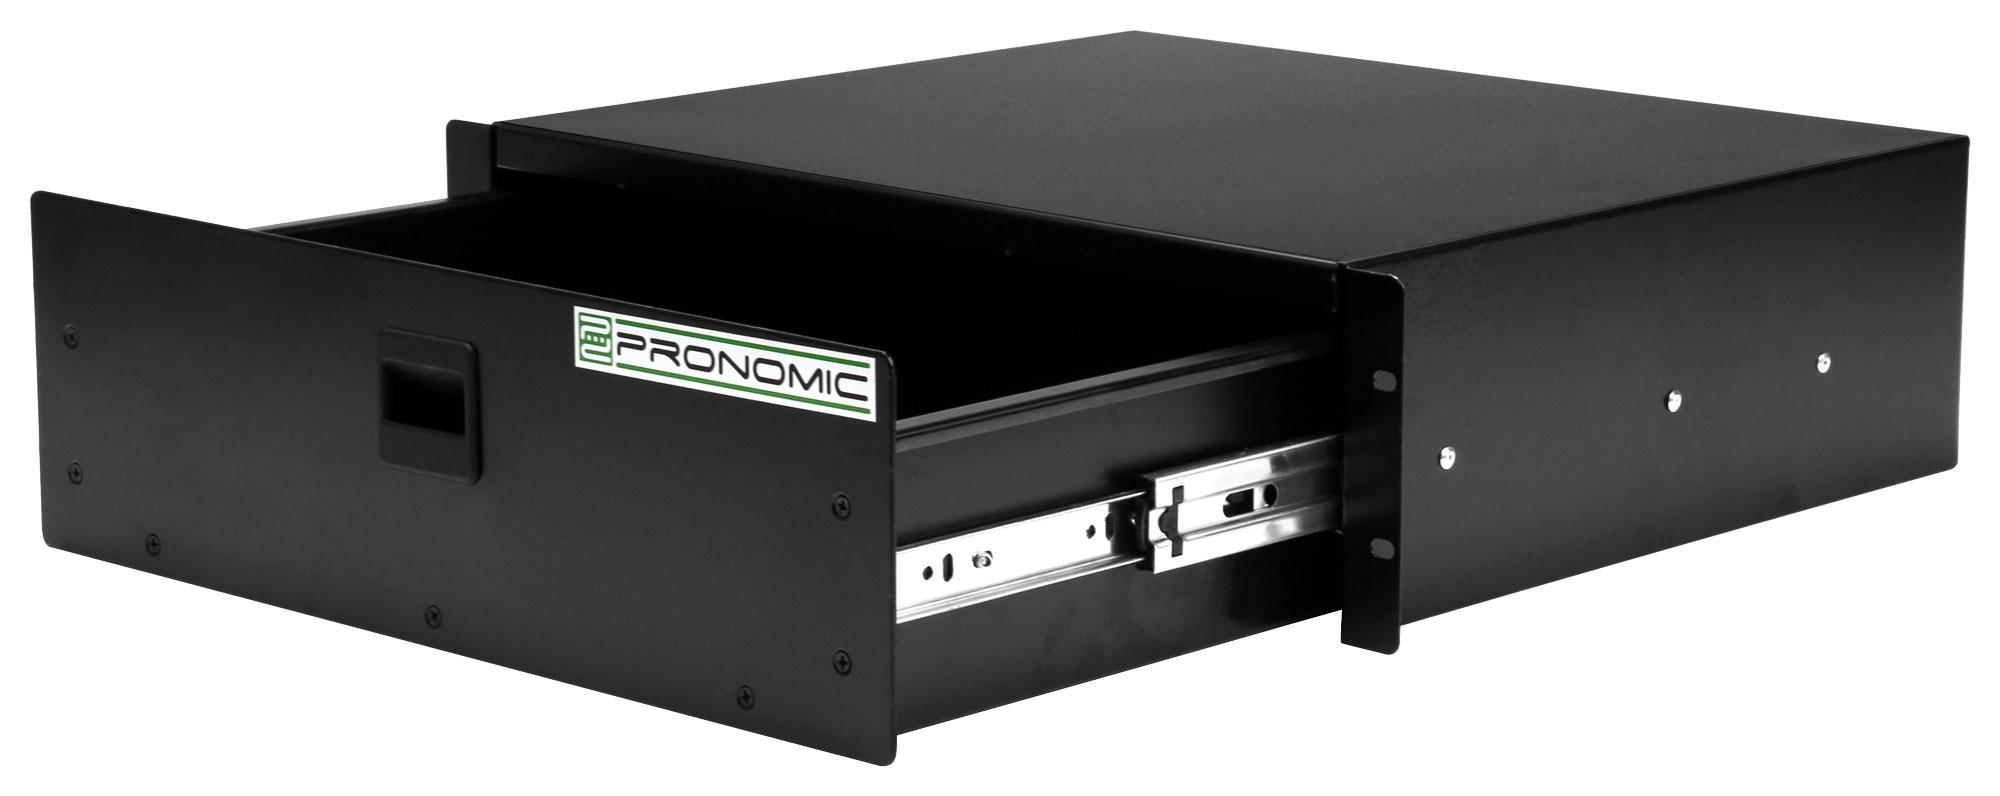 Pronomic RD 103 Rackschublade 3 HE Retoure (Zustand gut)